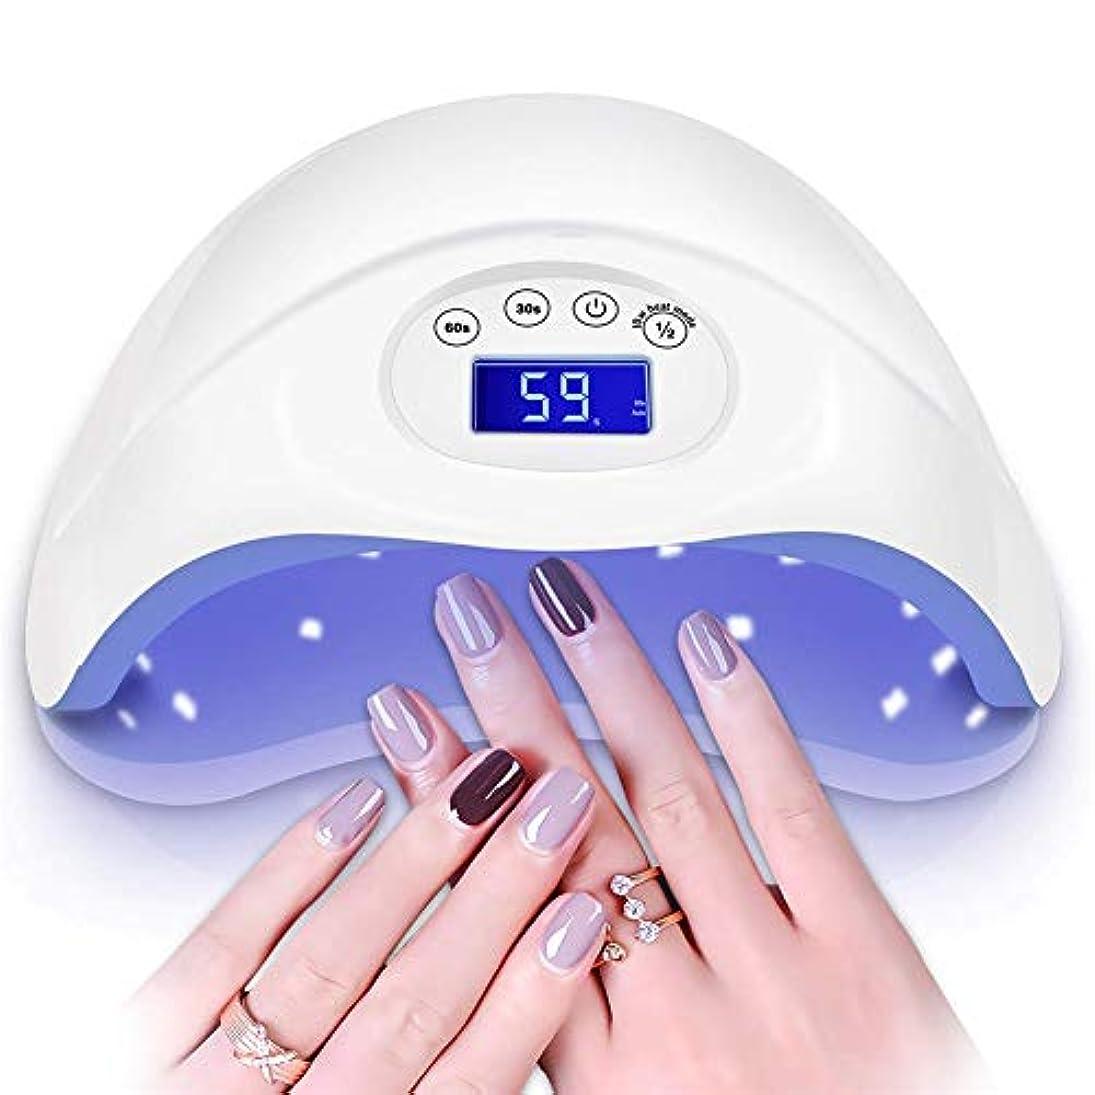 48W UVネイルランプ、自動センサーと爪または足の爪用のスイッチを備えたネイルドライヤー、ジェルネイル用のプロフェッショナルUVライト、サロンまたはネイル愛好家向けのタイマー設定